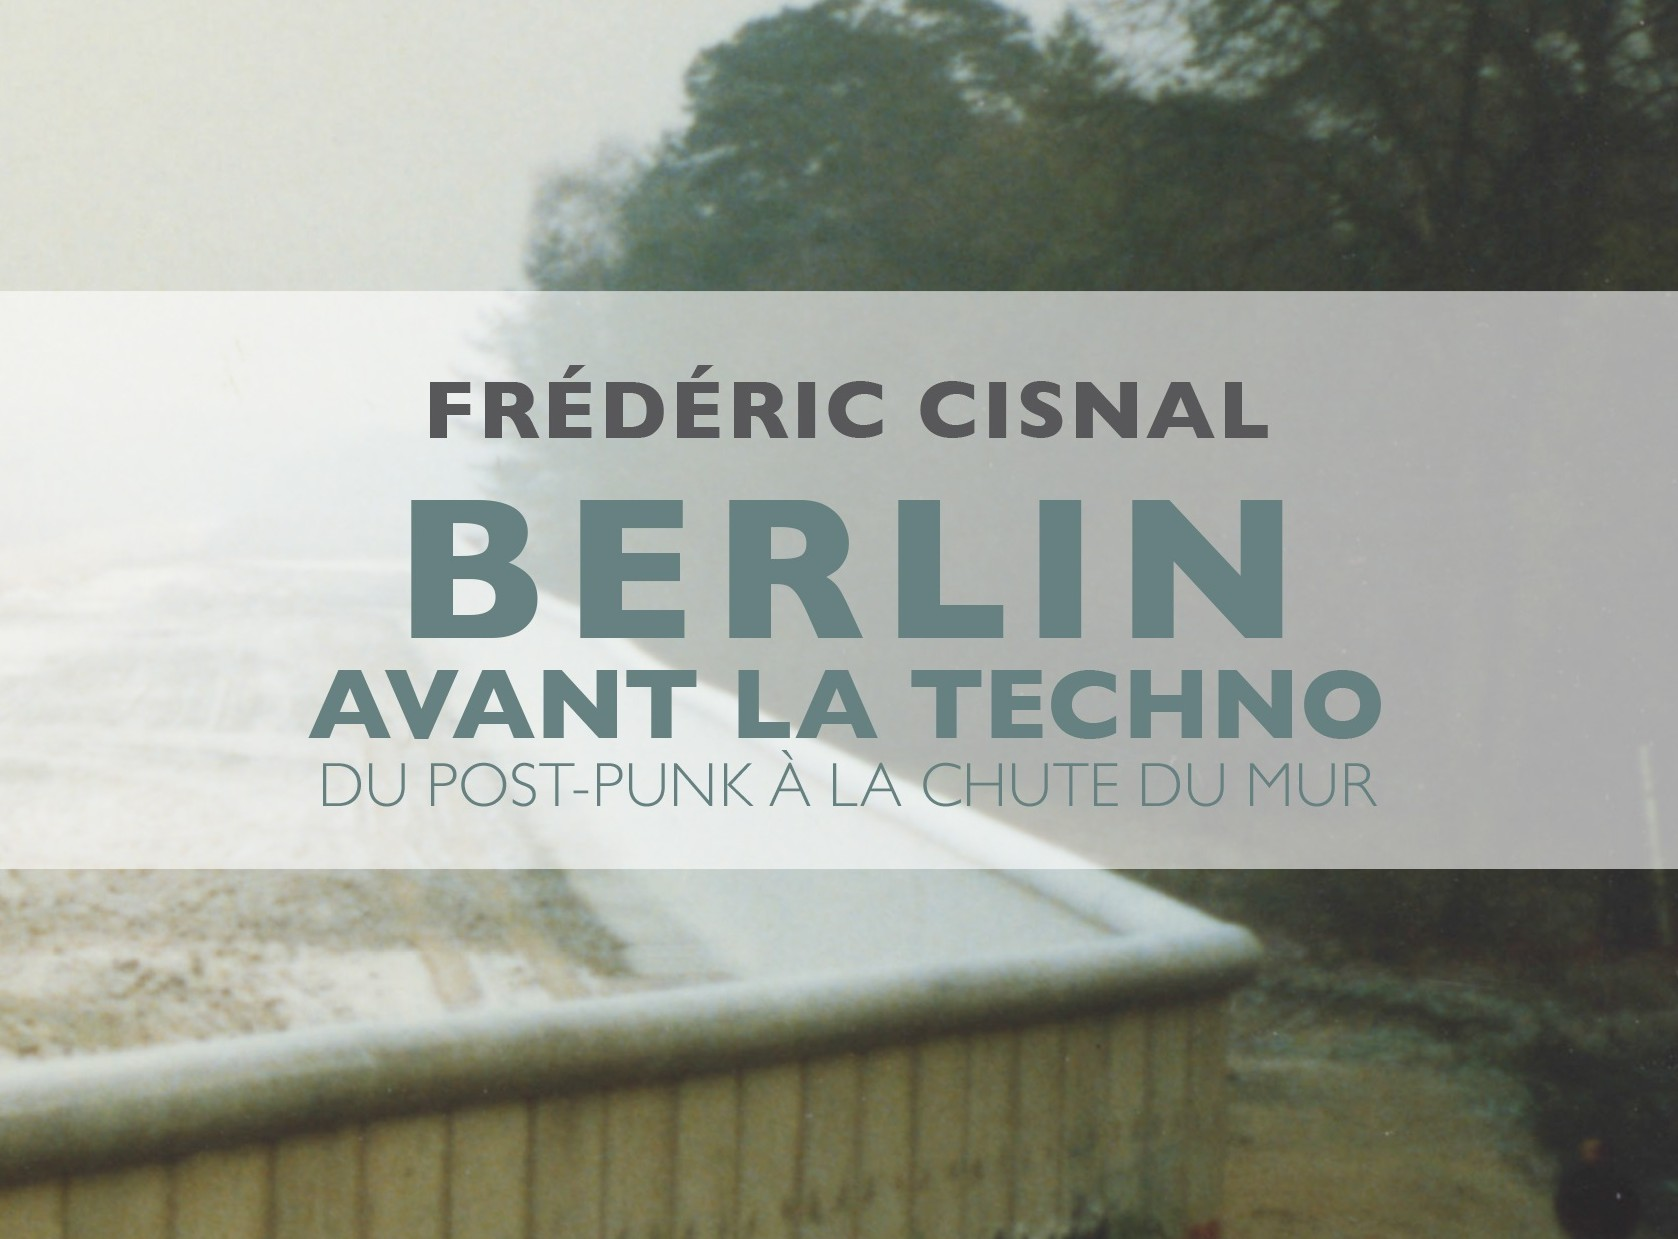 Berlin-avant-la-techno1-e1442913284992